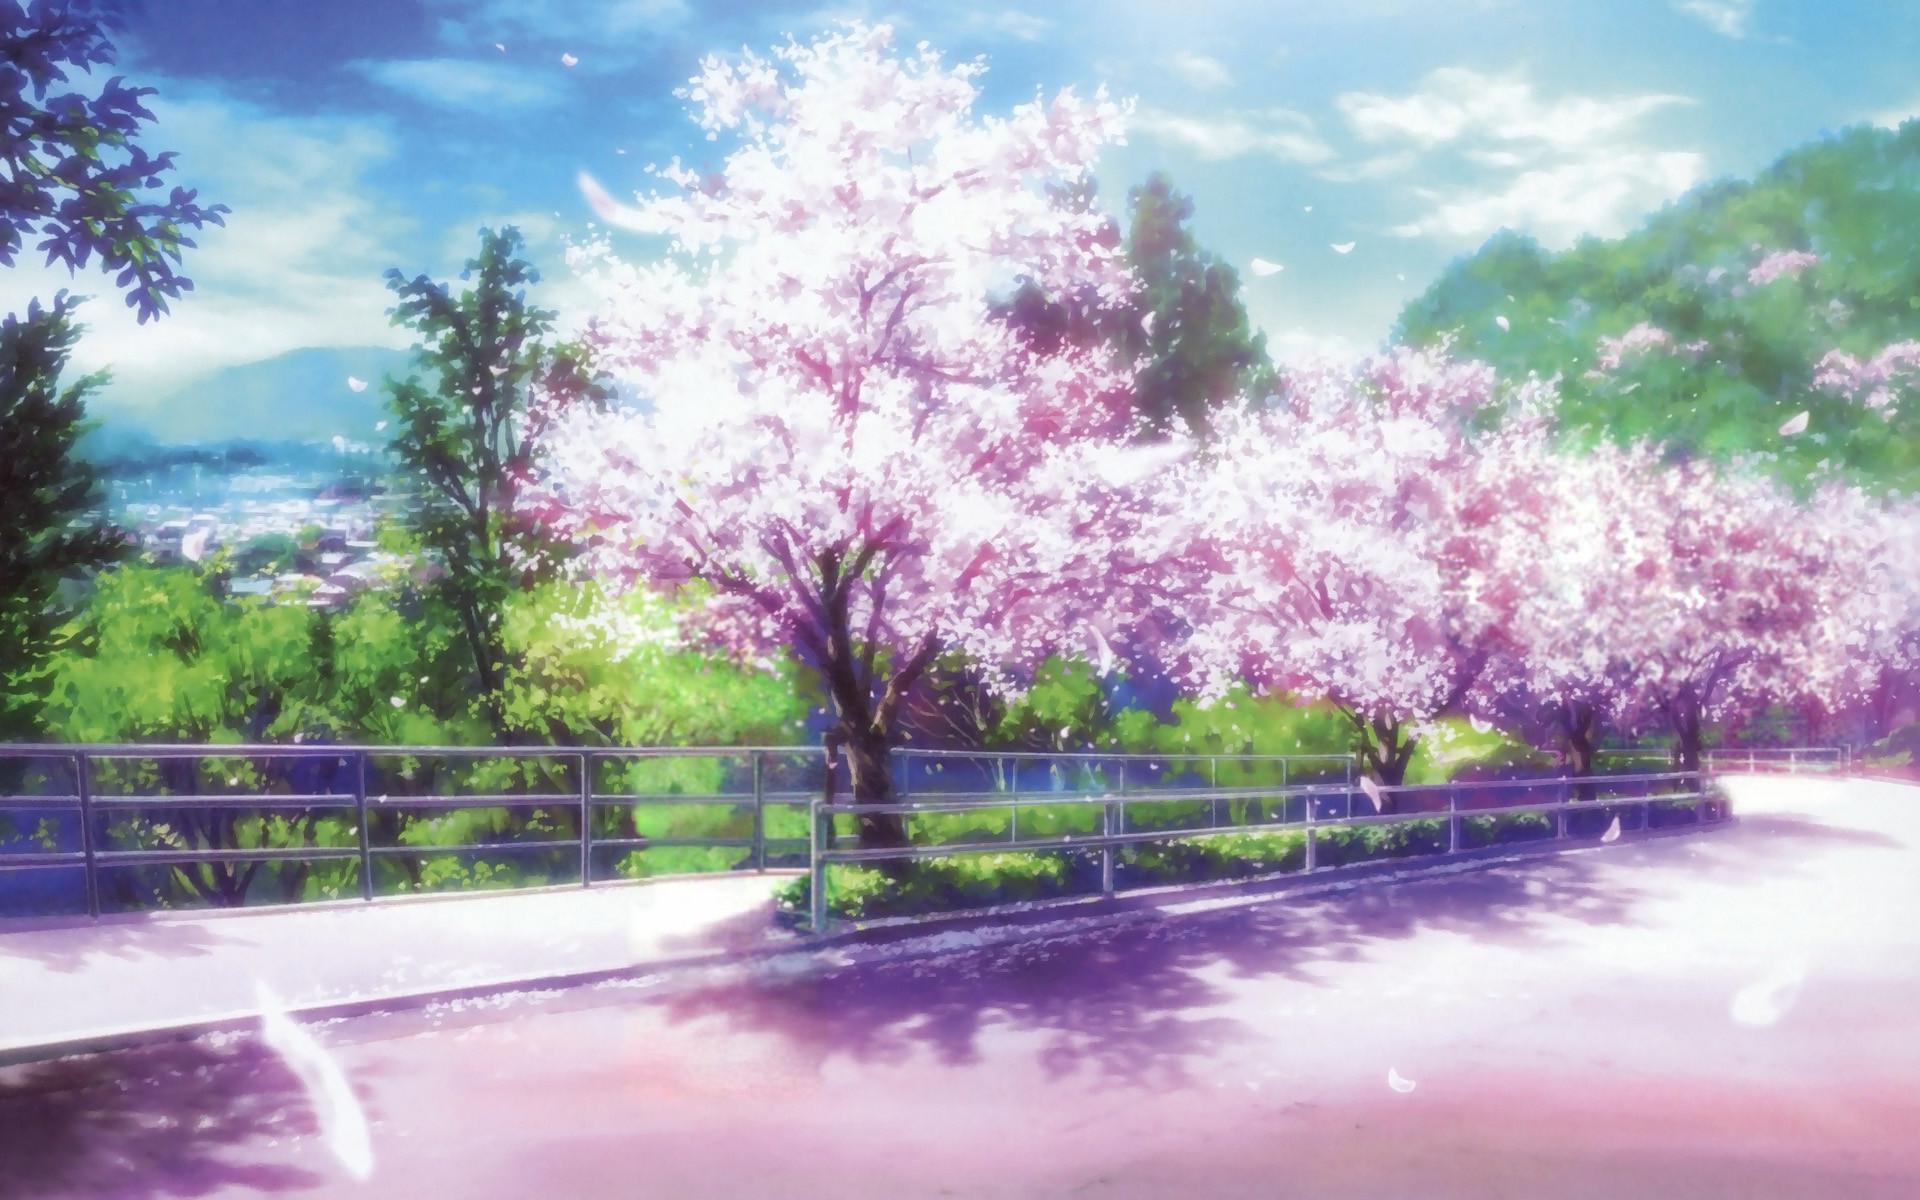 cherry blossom background 68 images. Black Bedroom Furniture Sets. Home Design Ideas